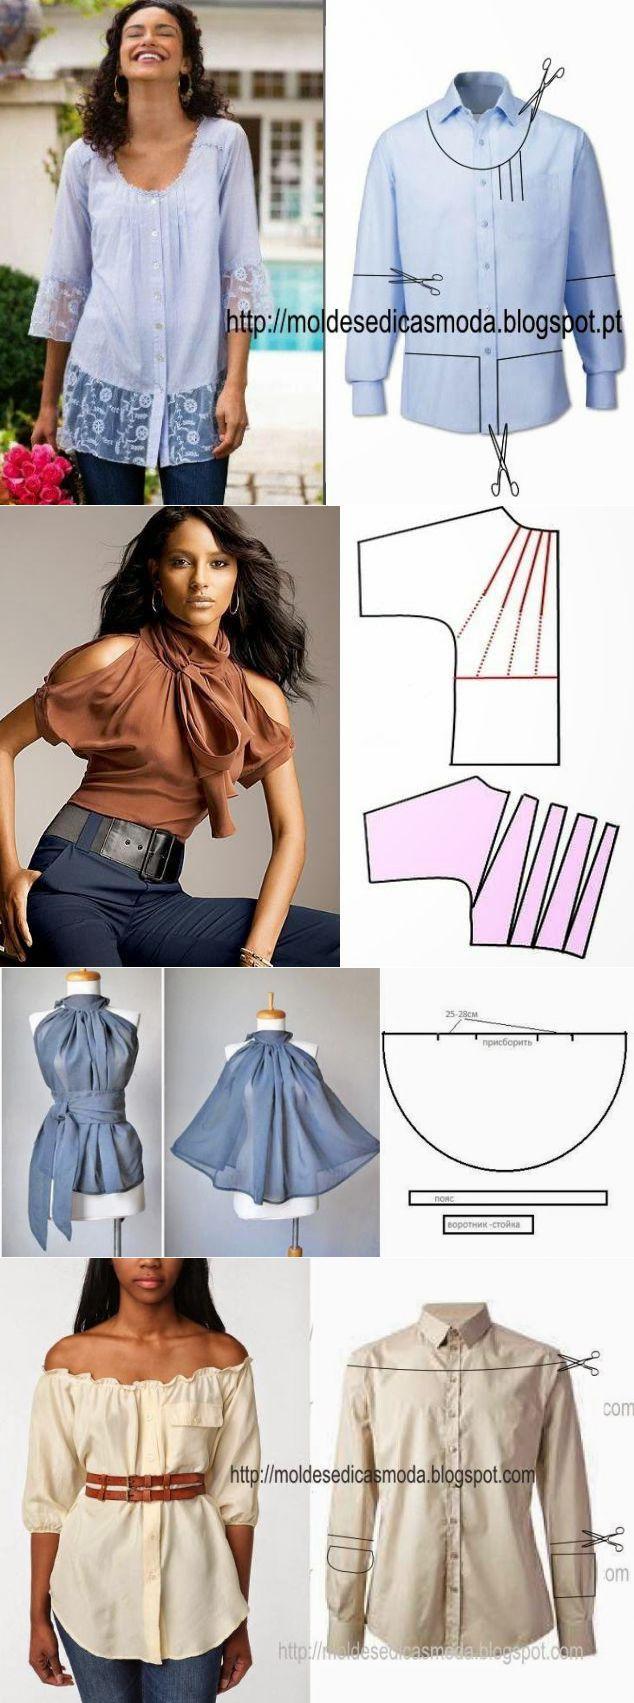 transformar una camisa | costura | Pinterest | Camisas, Costura y ...